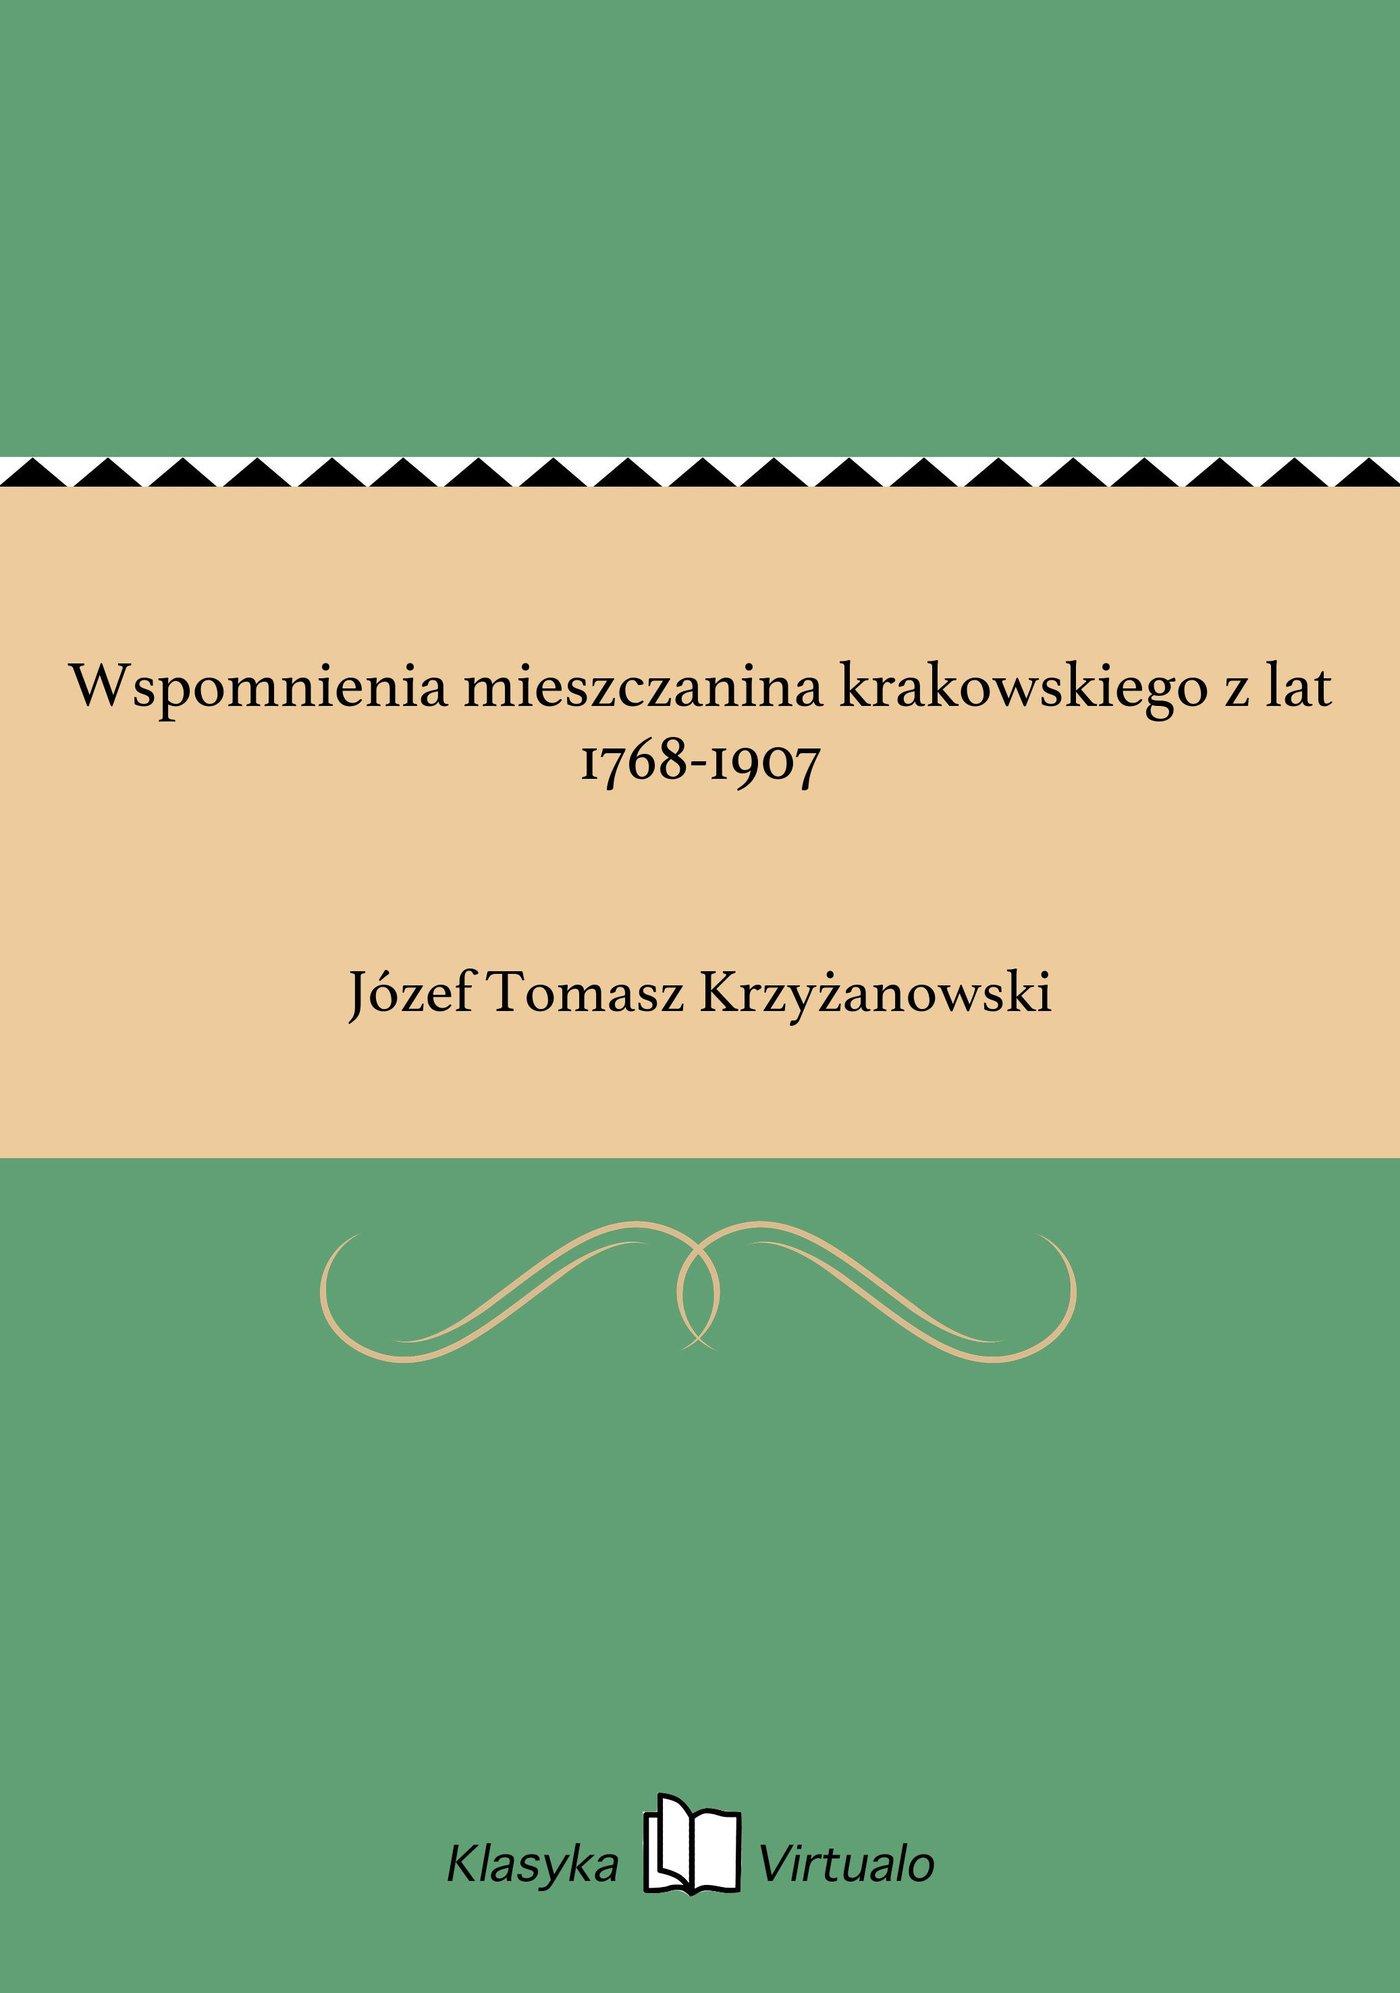 Wspomnienia mieszczanina krakowskiego z lat 1768-1907 - Ebook (Książka EPUB) do pobrania w formacie EPUB